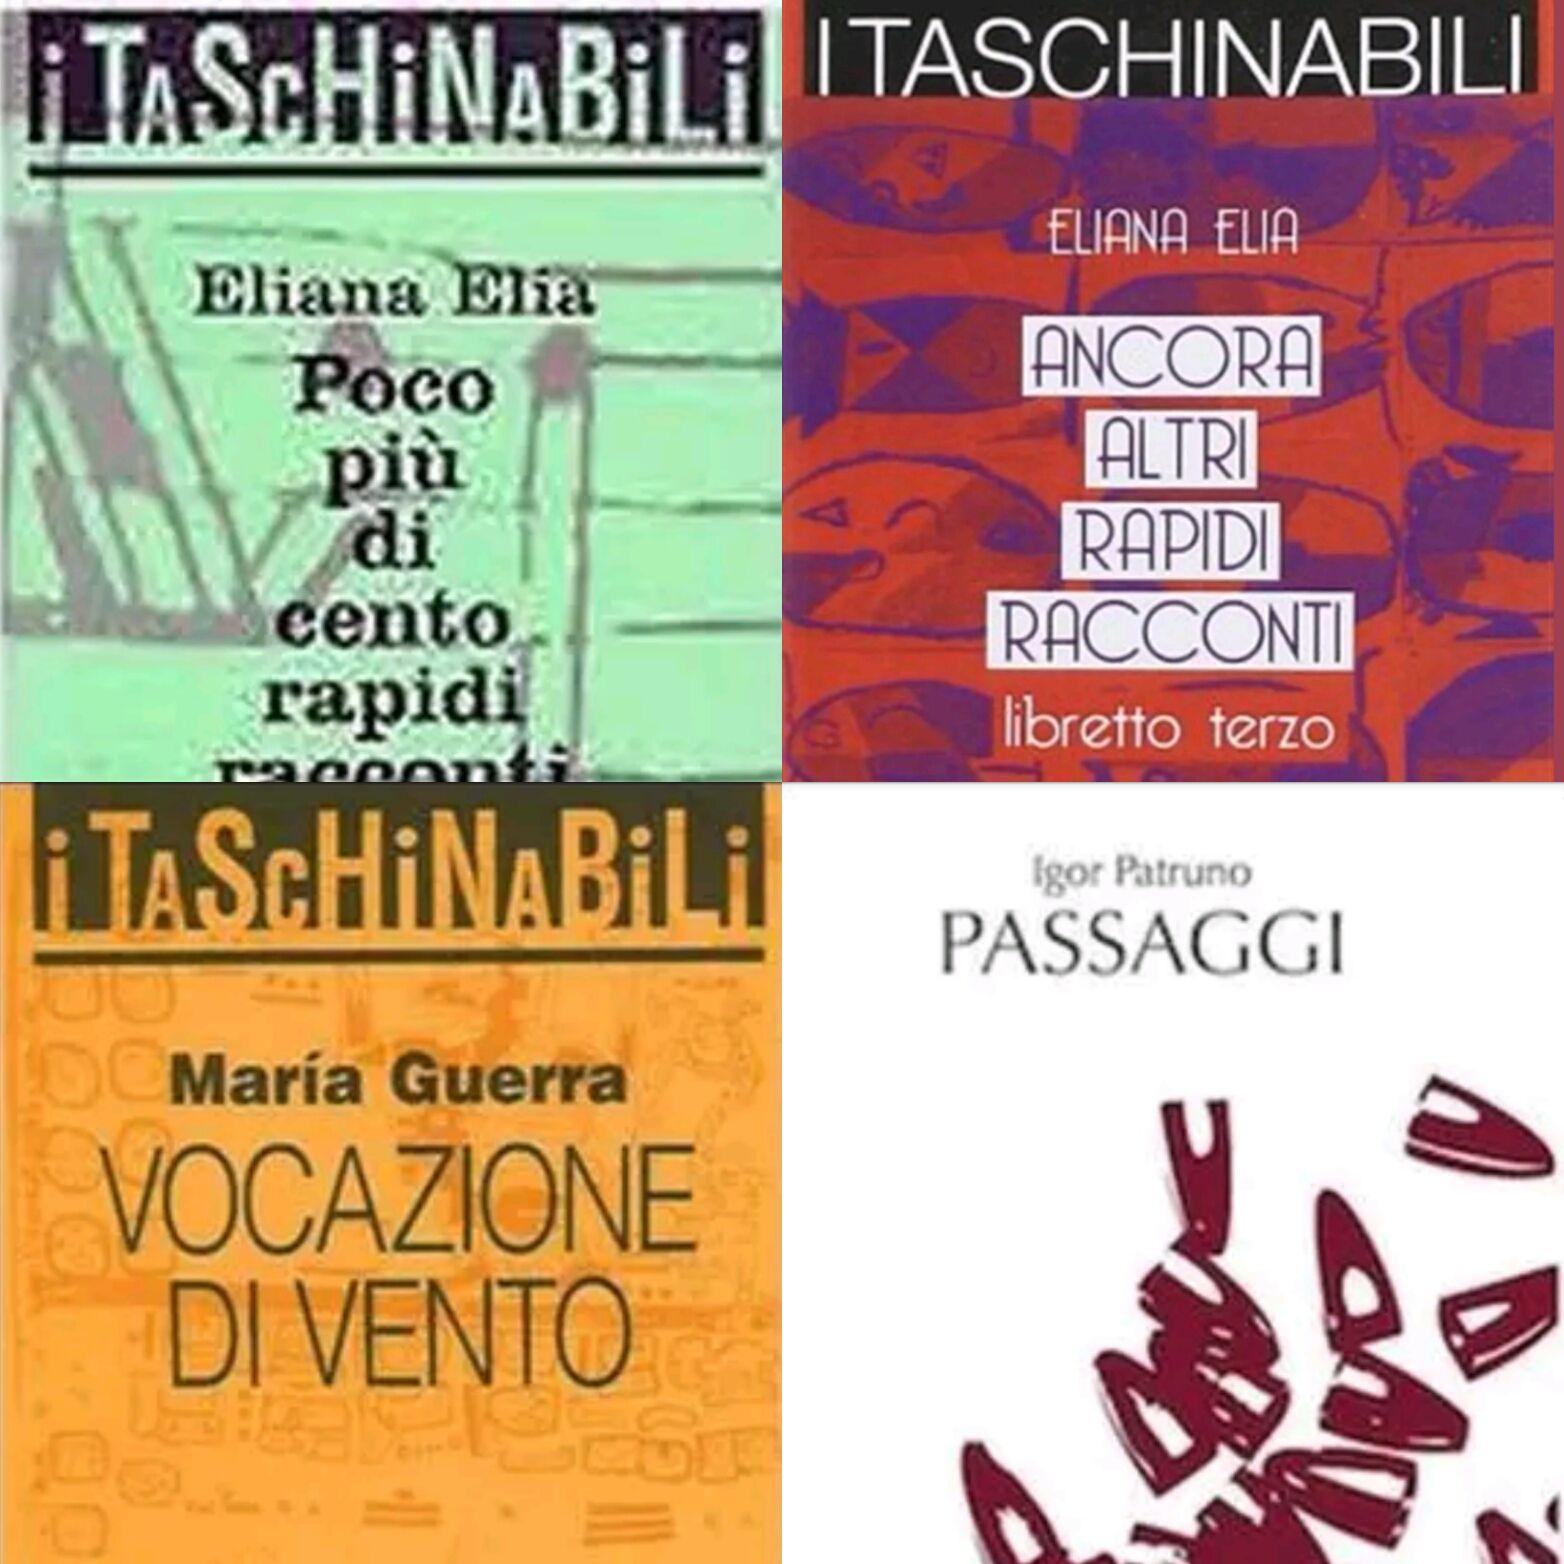 """A caccia di """"Taschinabili"""" Fahrenheit 451 al mercatino"""